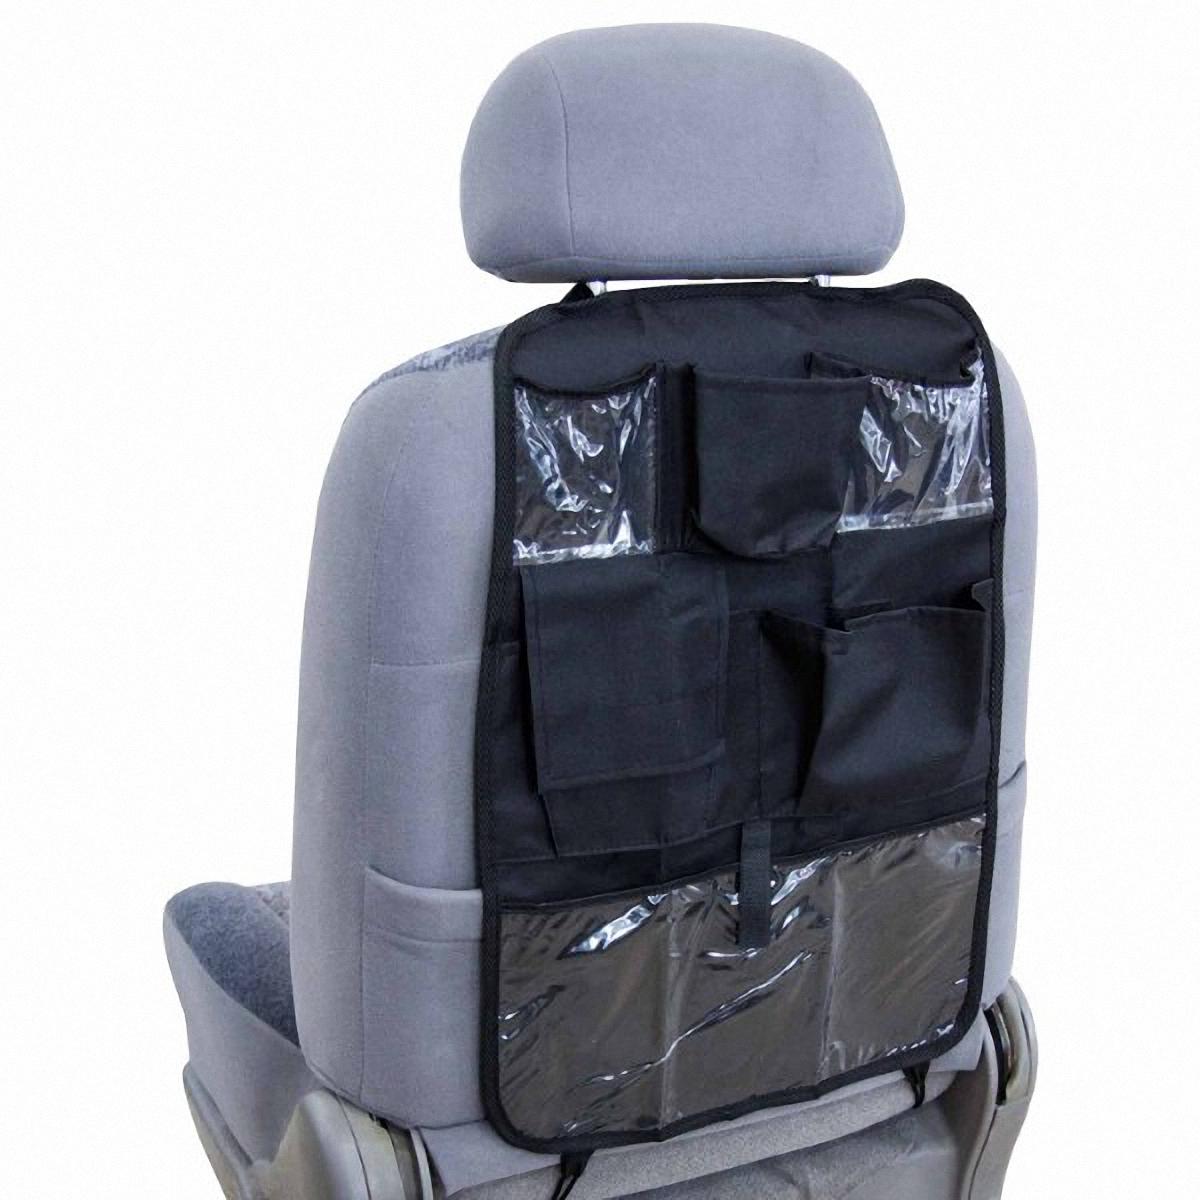 Накидка-органайзер защитная Skyway, на спинку сидения, 37 х 55 см. S06101002 органайзер skyway 90x90cm s06002001 сетка багажная